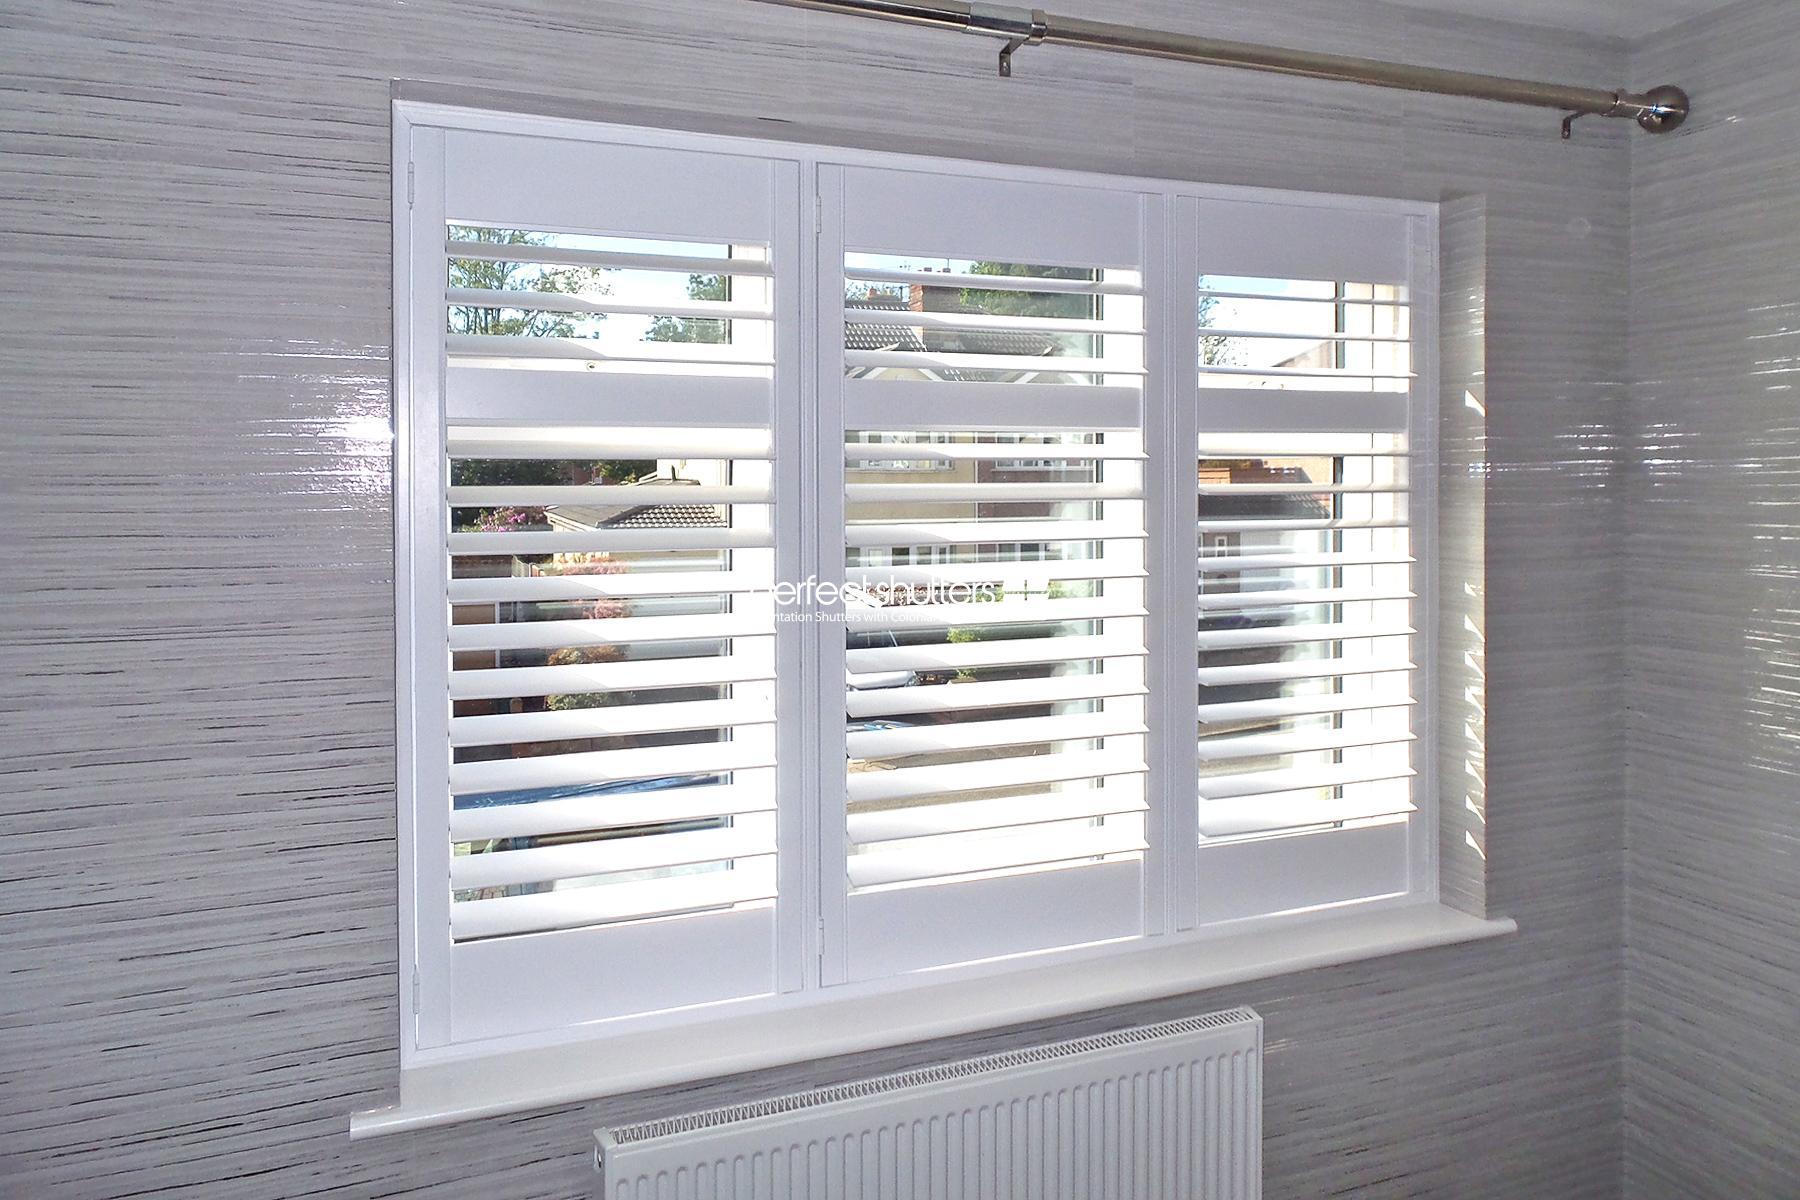 White bedroom window shutters